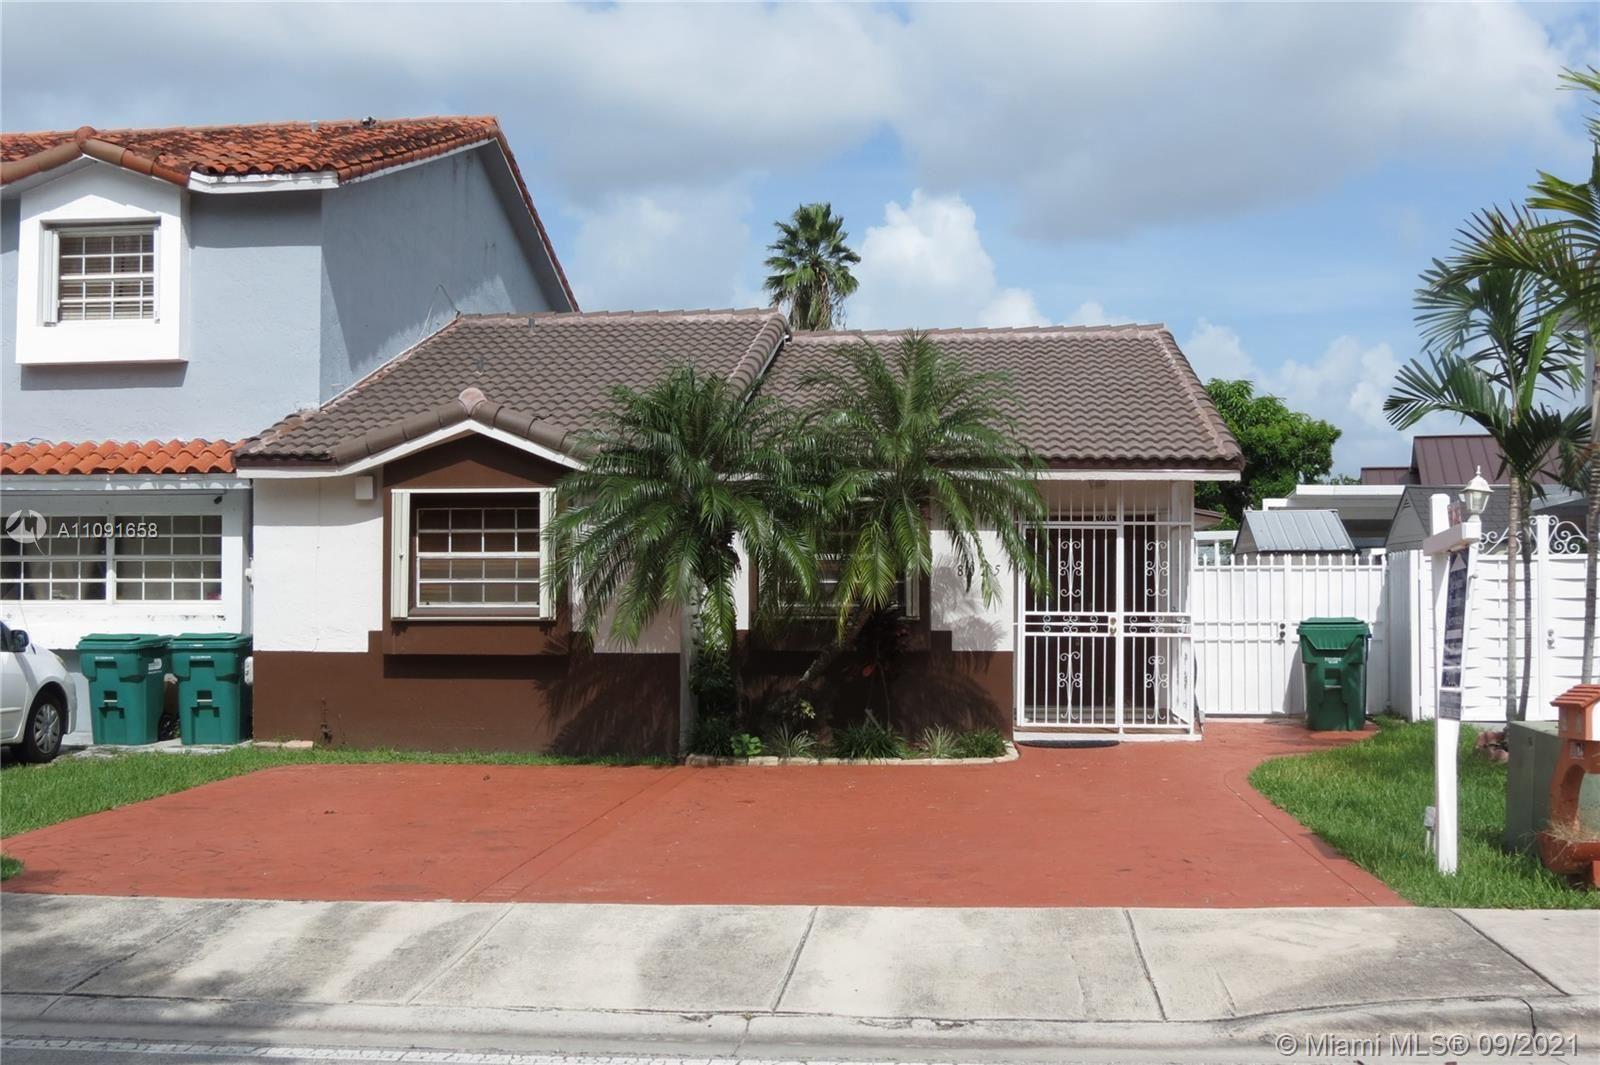 8025 SW 149th Ave, Miami, FL 33193 - #: A11091658